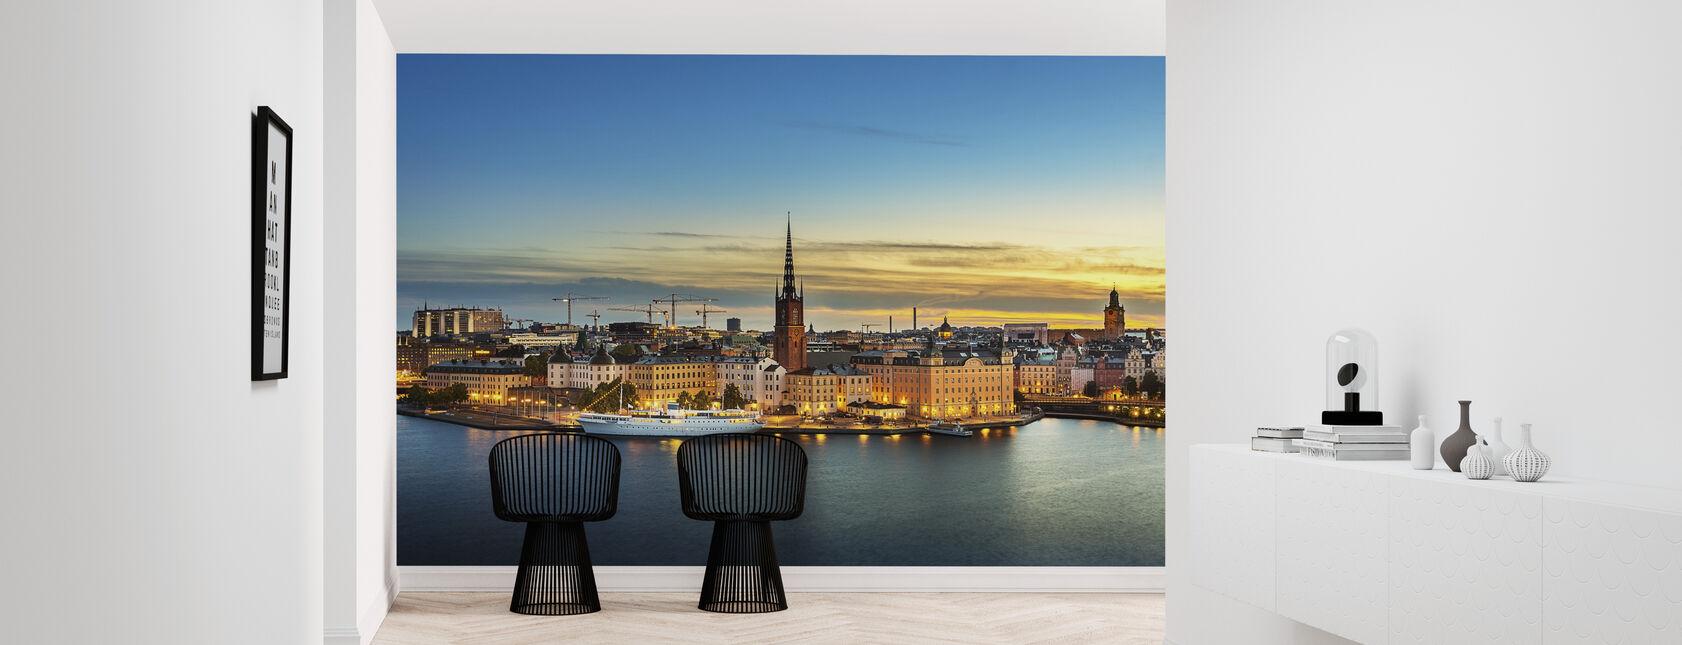 Sunset Over Riddarholmen Stockholm - Wallpaper - Hallway